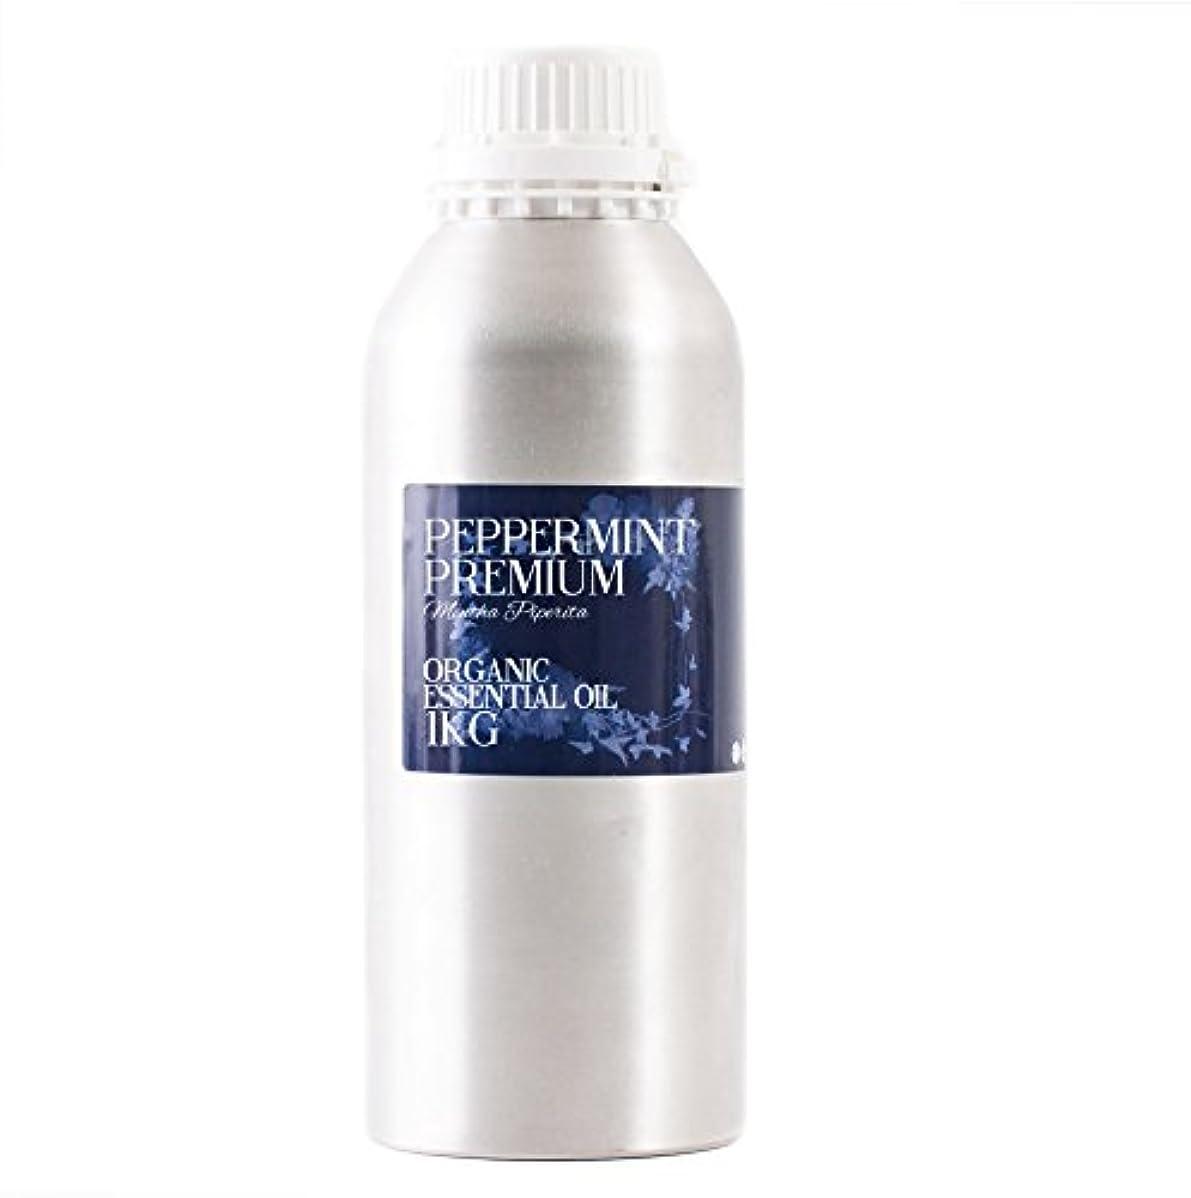 原子炉間違いなくインフラMystic Moments | Peppermint Premium Organic Essential Oil - 1Kg - 100% Pure